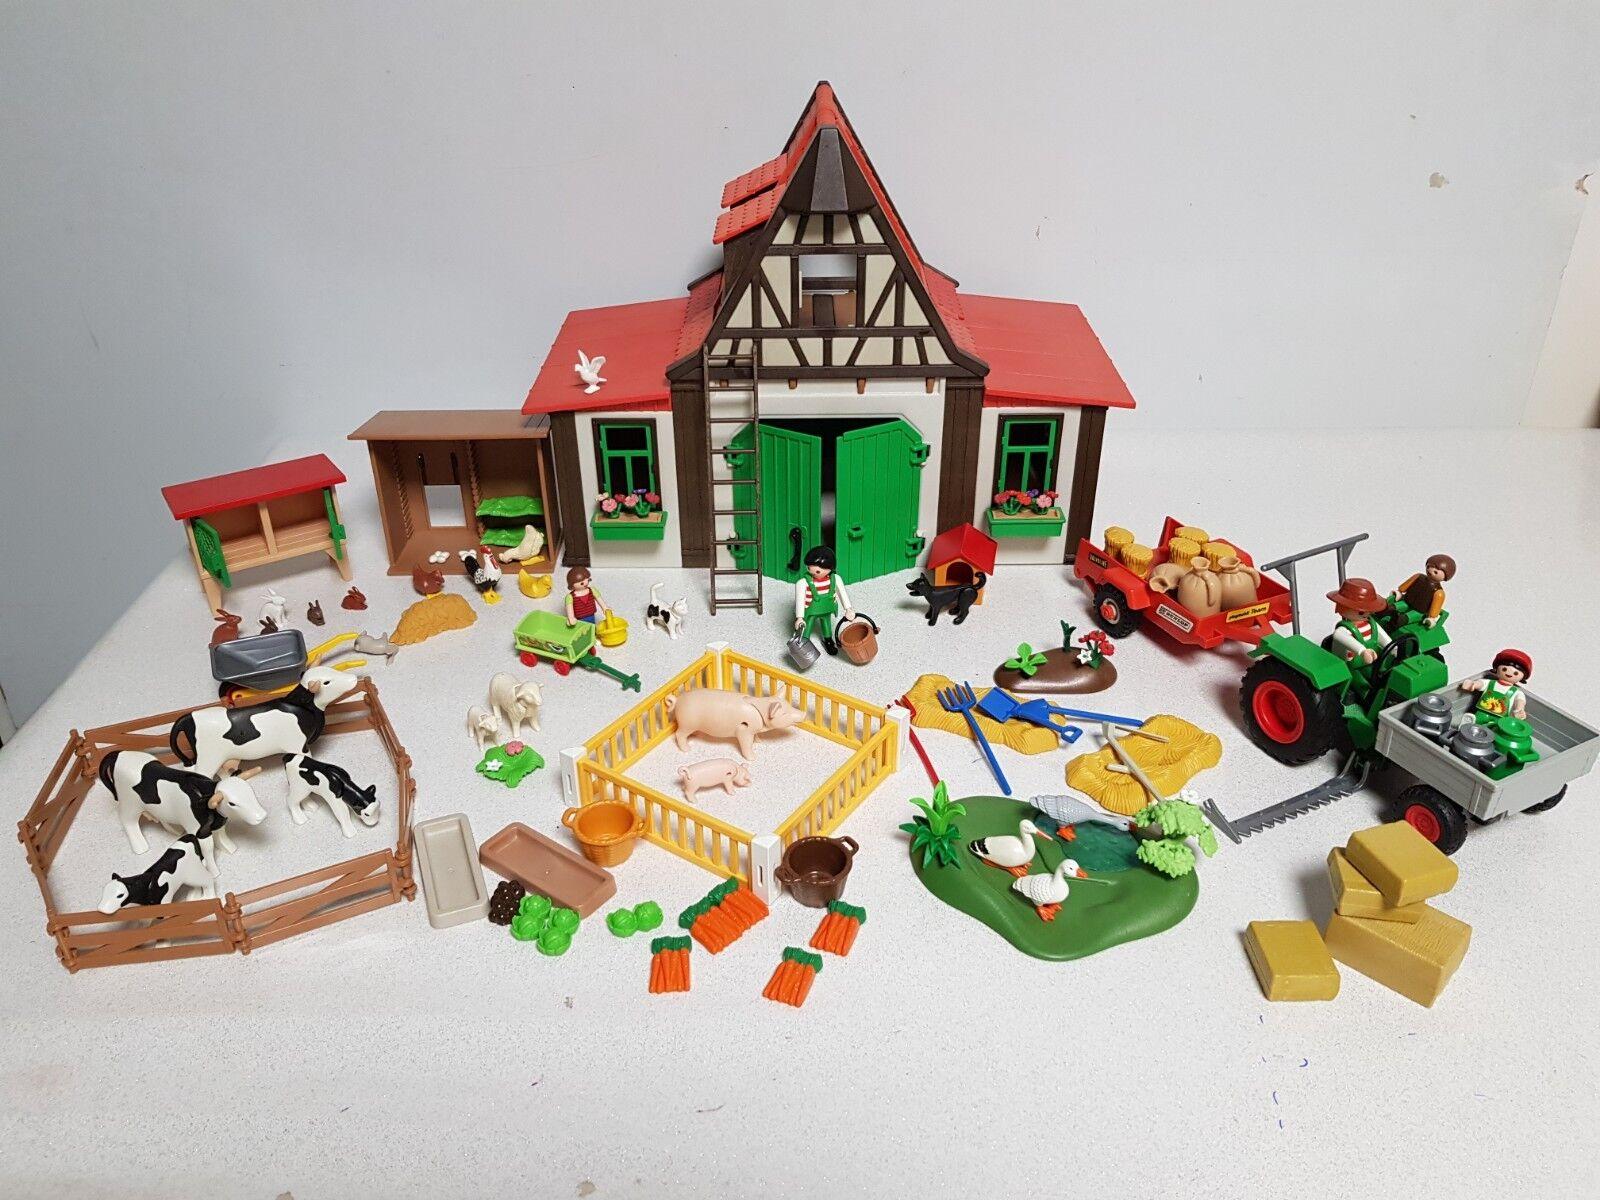 Playmobil Ferme tracteur faucheuse remorque animaux personnages accessoires -31   promozioni di sconto